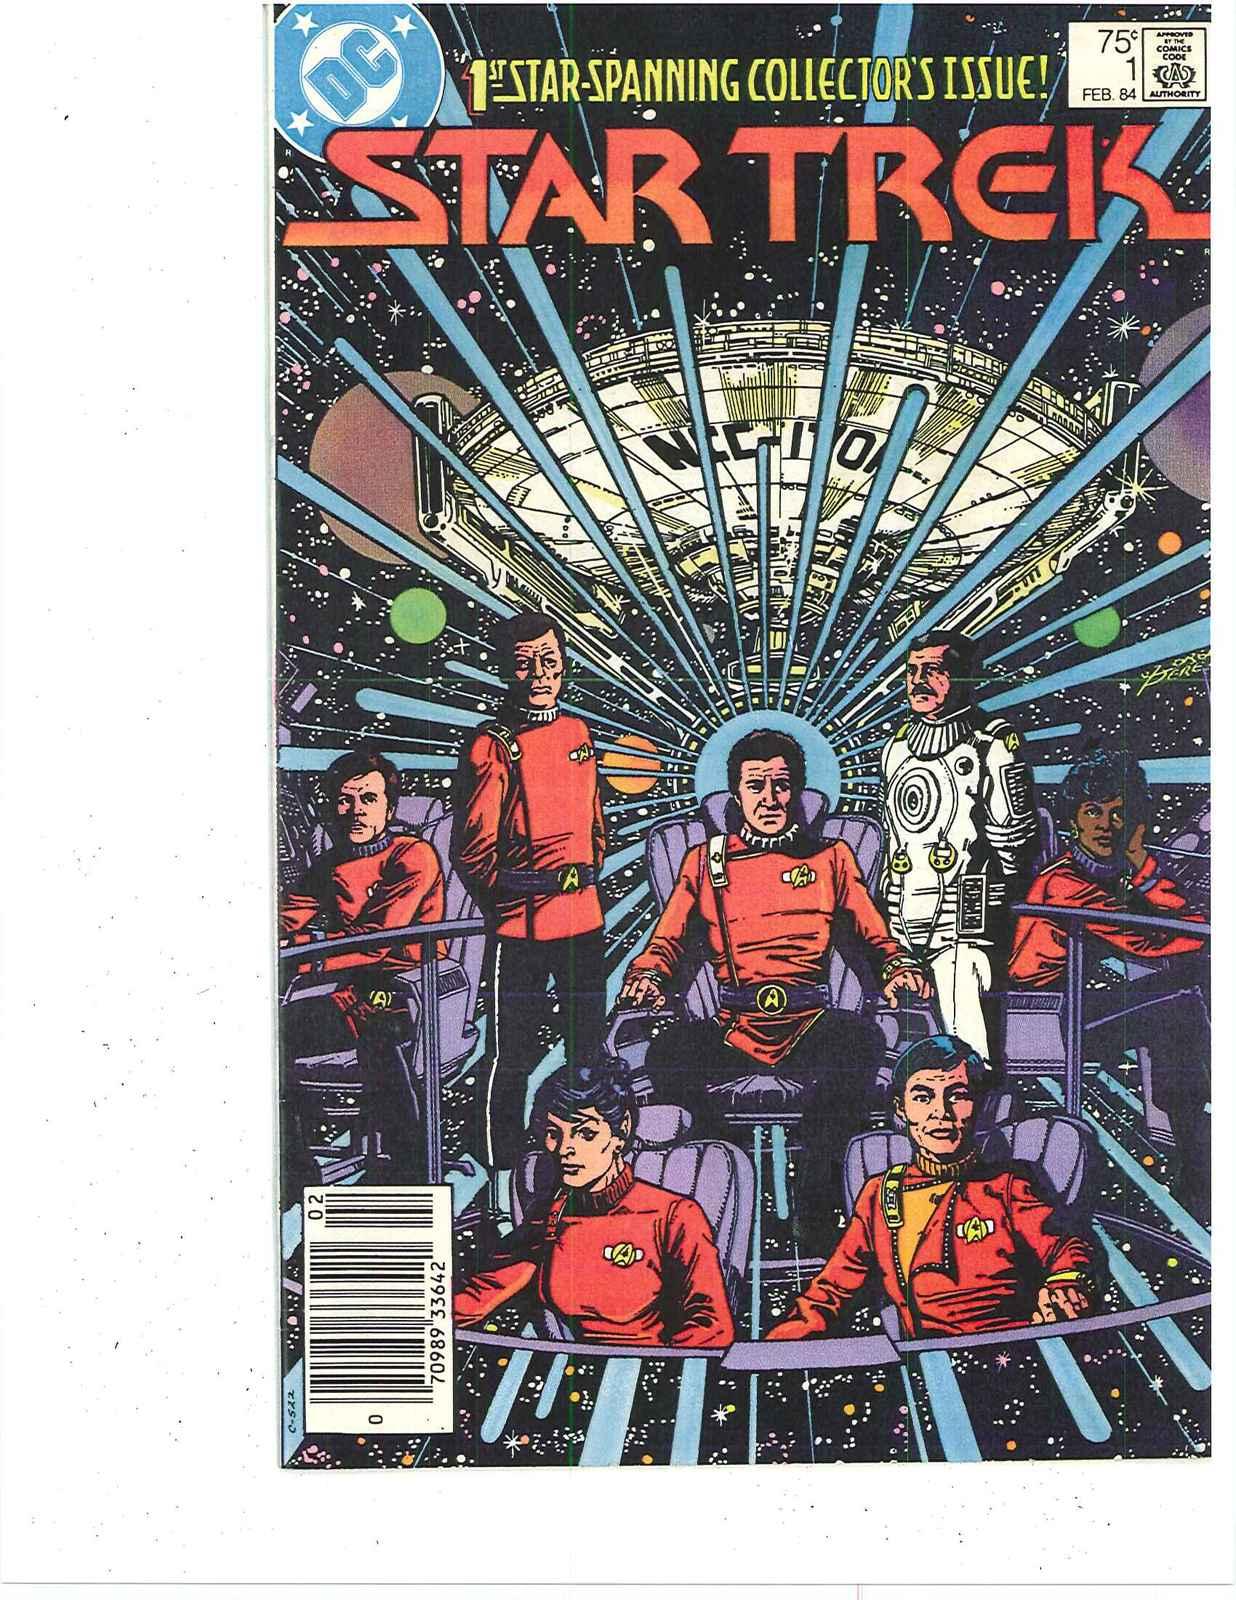 STAR TREK #1 HI GRADE    D C COMICS  1983